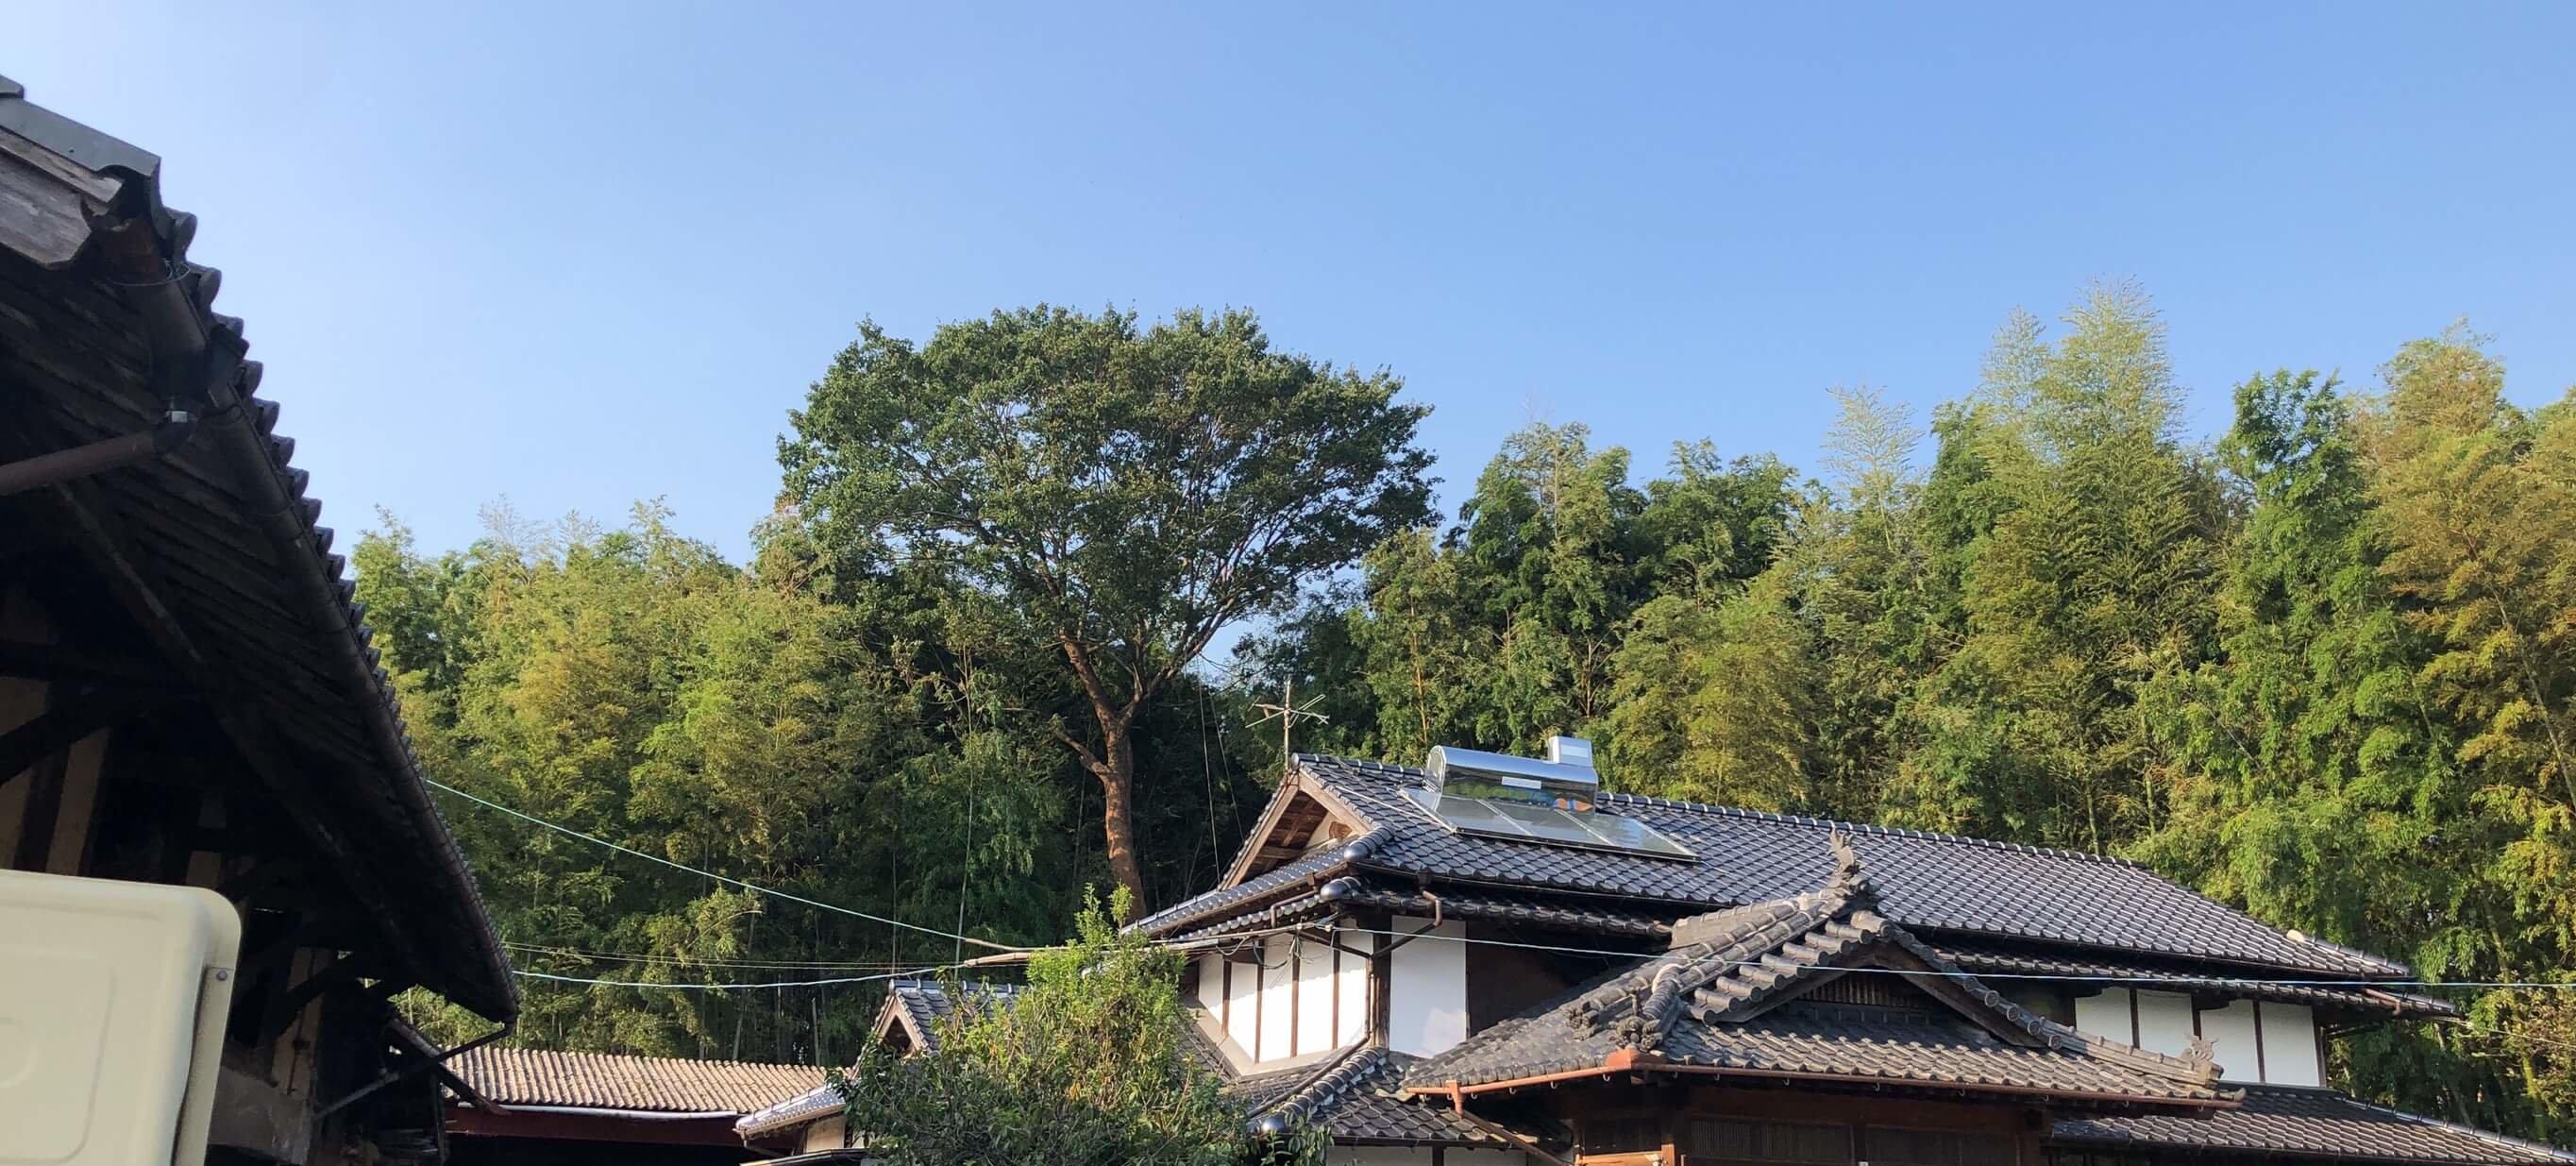 こちらは伐採を行うケヤキの木。住宅のすぐ裏にあり、二階建ての住宅をゆうに超える高さでした。